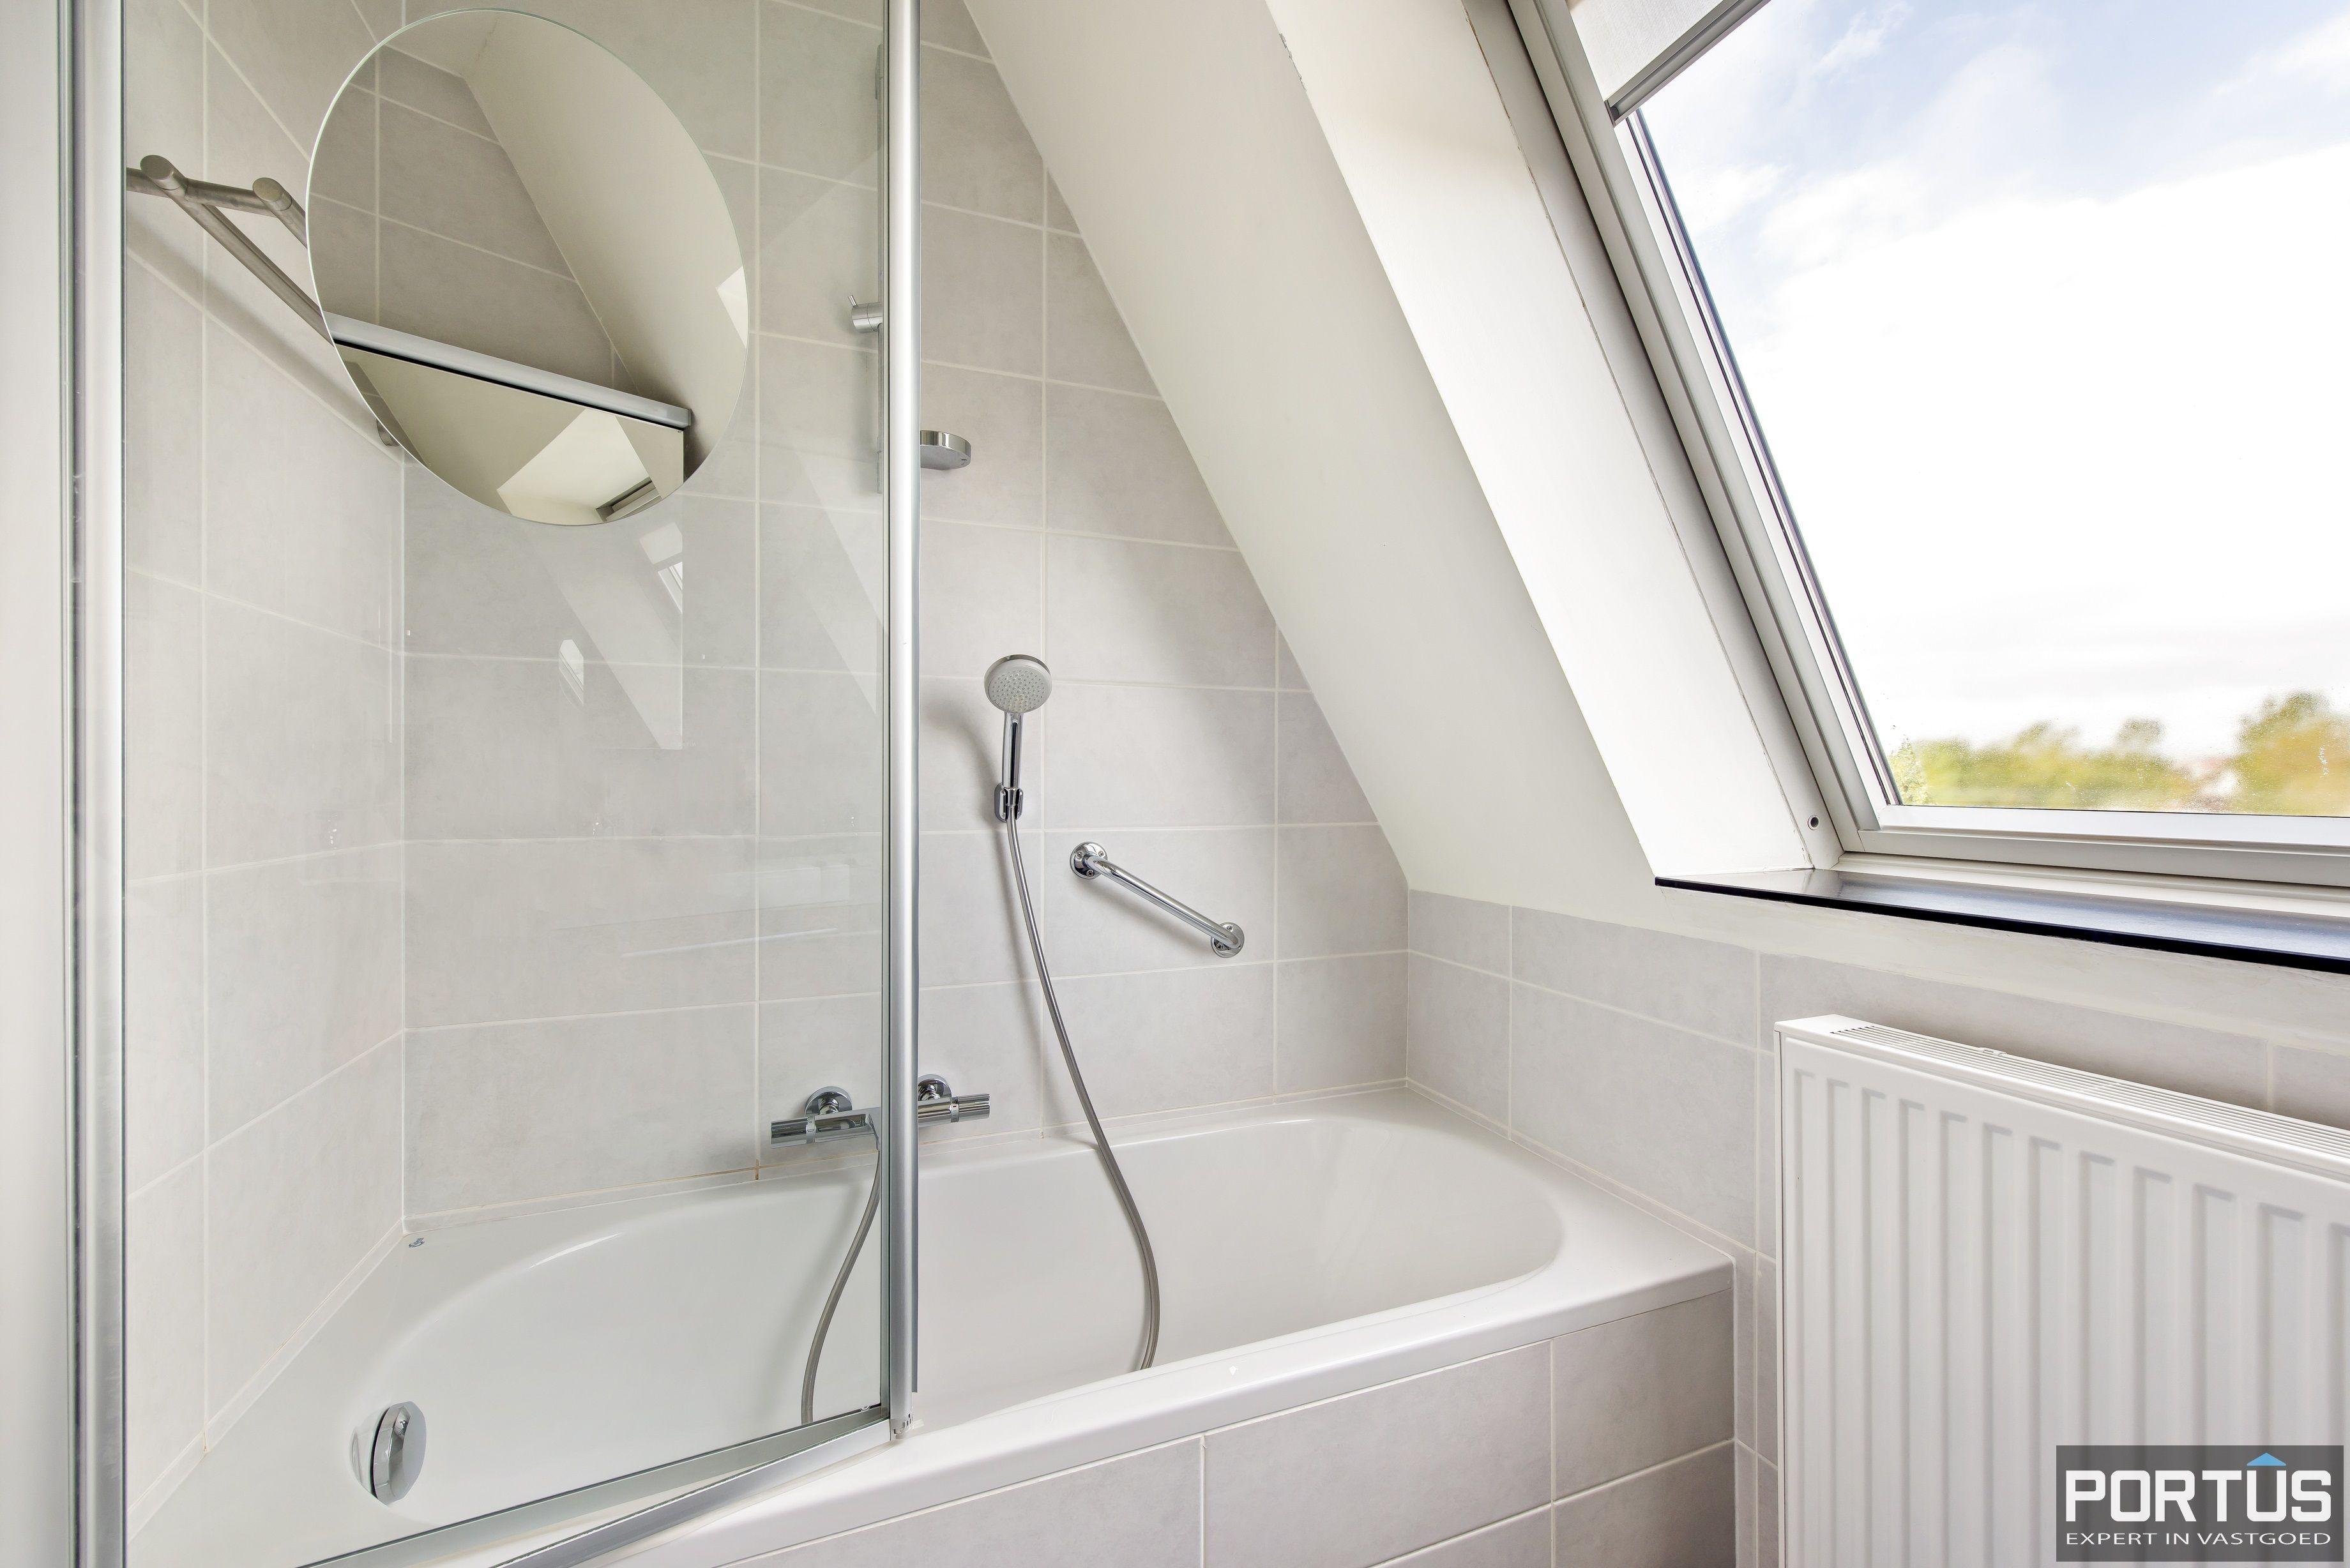 Instapklaar zongericht appartement met 2 slaapkamers te koop in Nieuwpoort - 10014